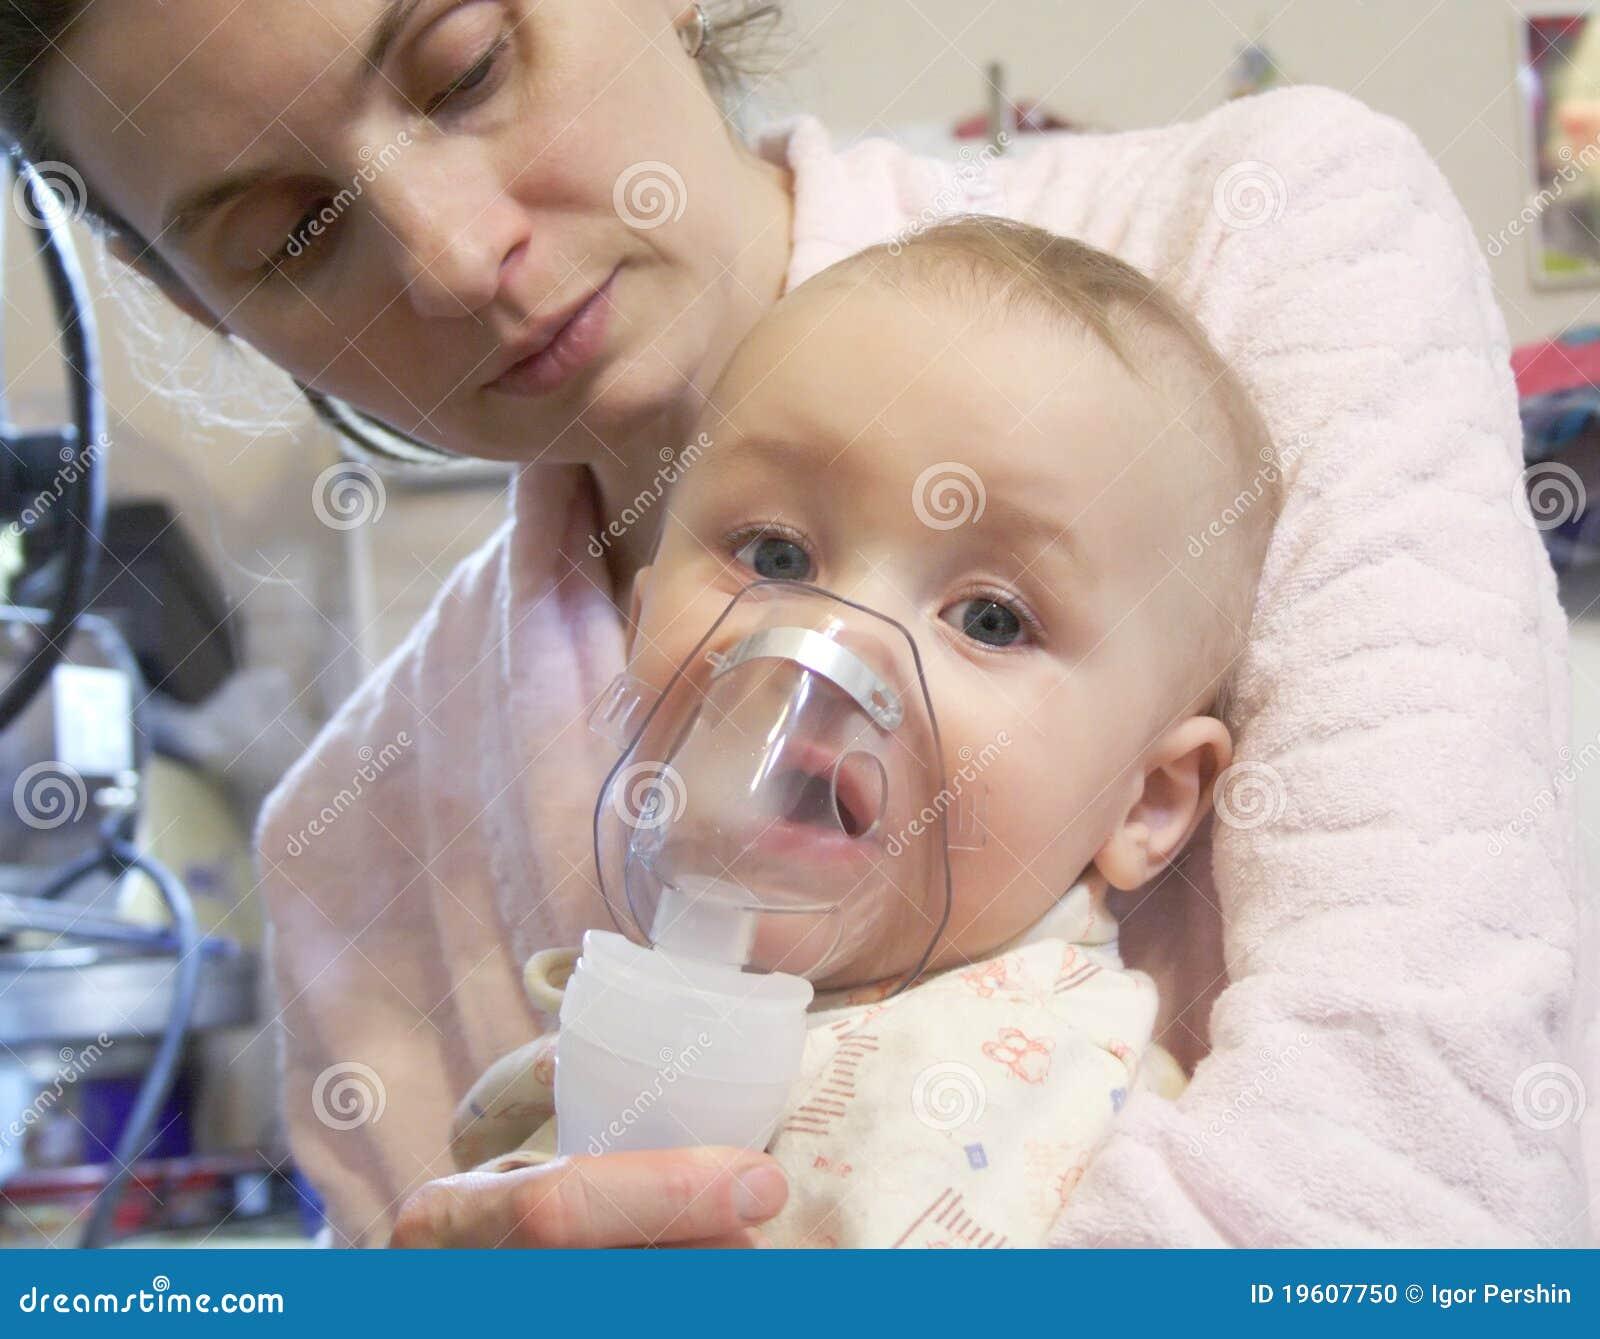 Zieke baby met verstuiversmasker